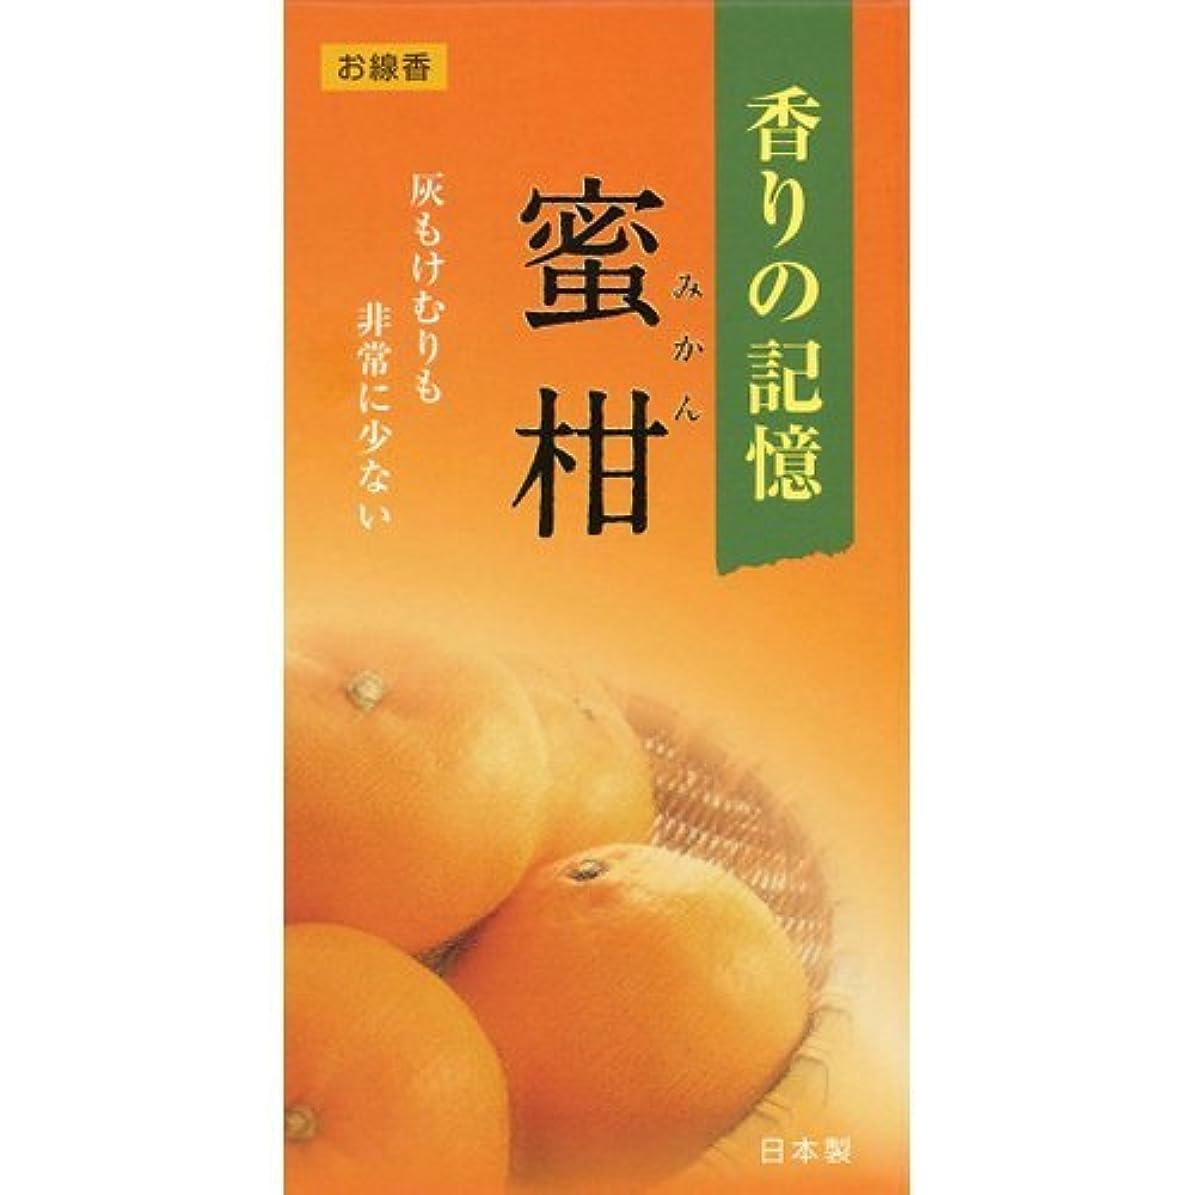 台風ヤング創傷孔官堂のお線香 香の記憶 蜜柑 バラ詰 #C-642